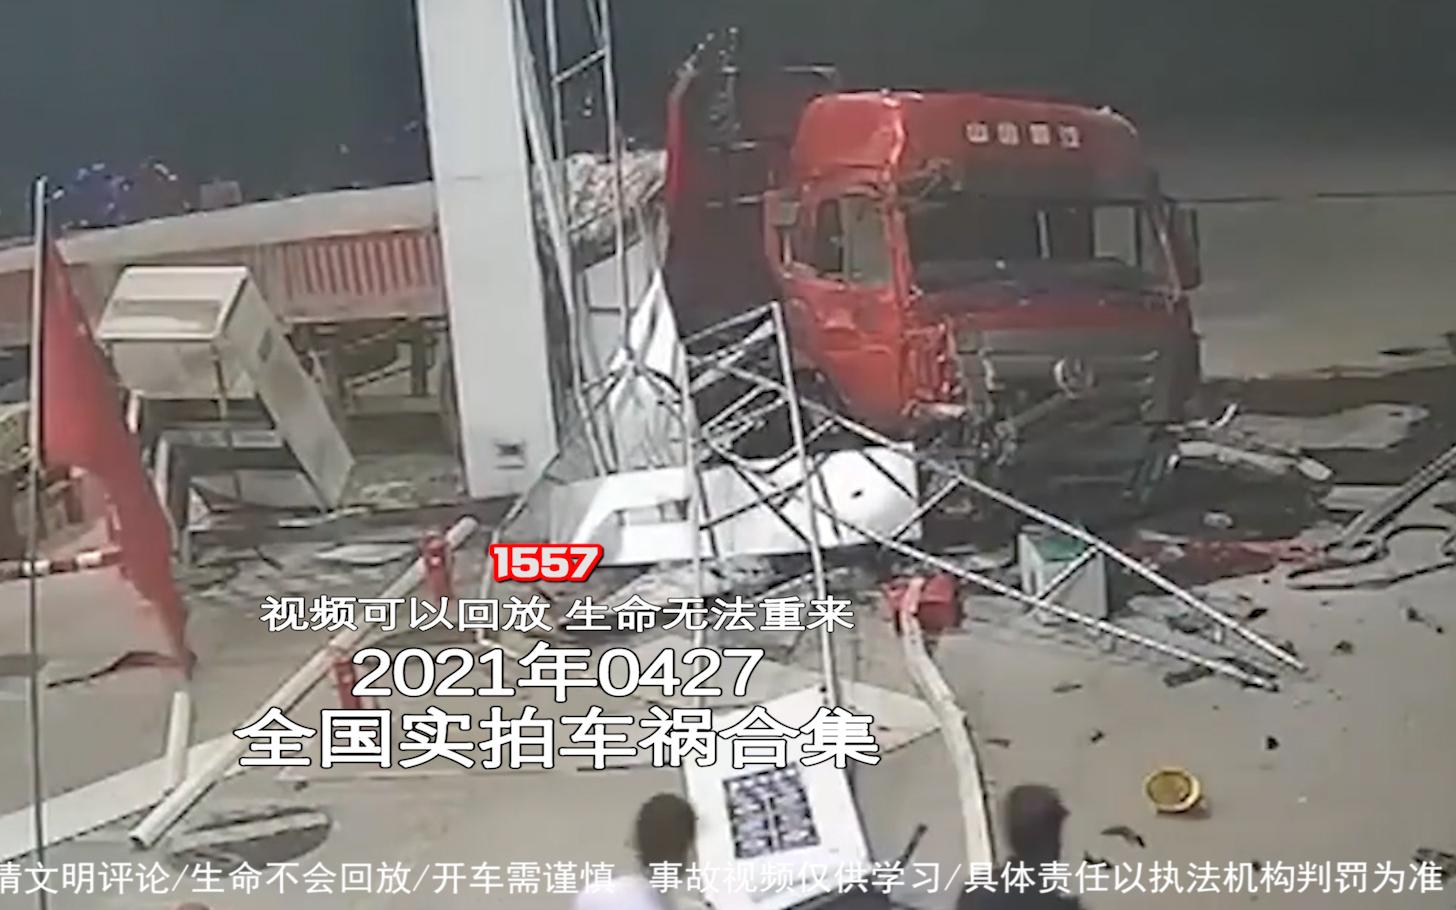 1557期:司机疲劳驾驶,开着大货车将加油站柱子撞毁【20210427全国车祸合集】